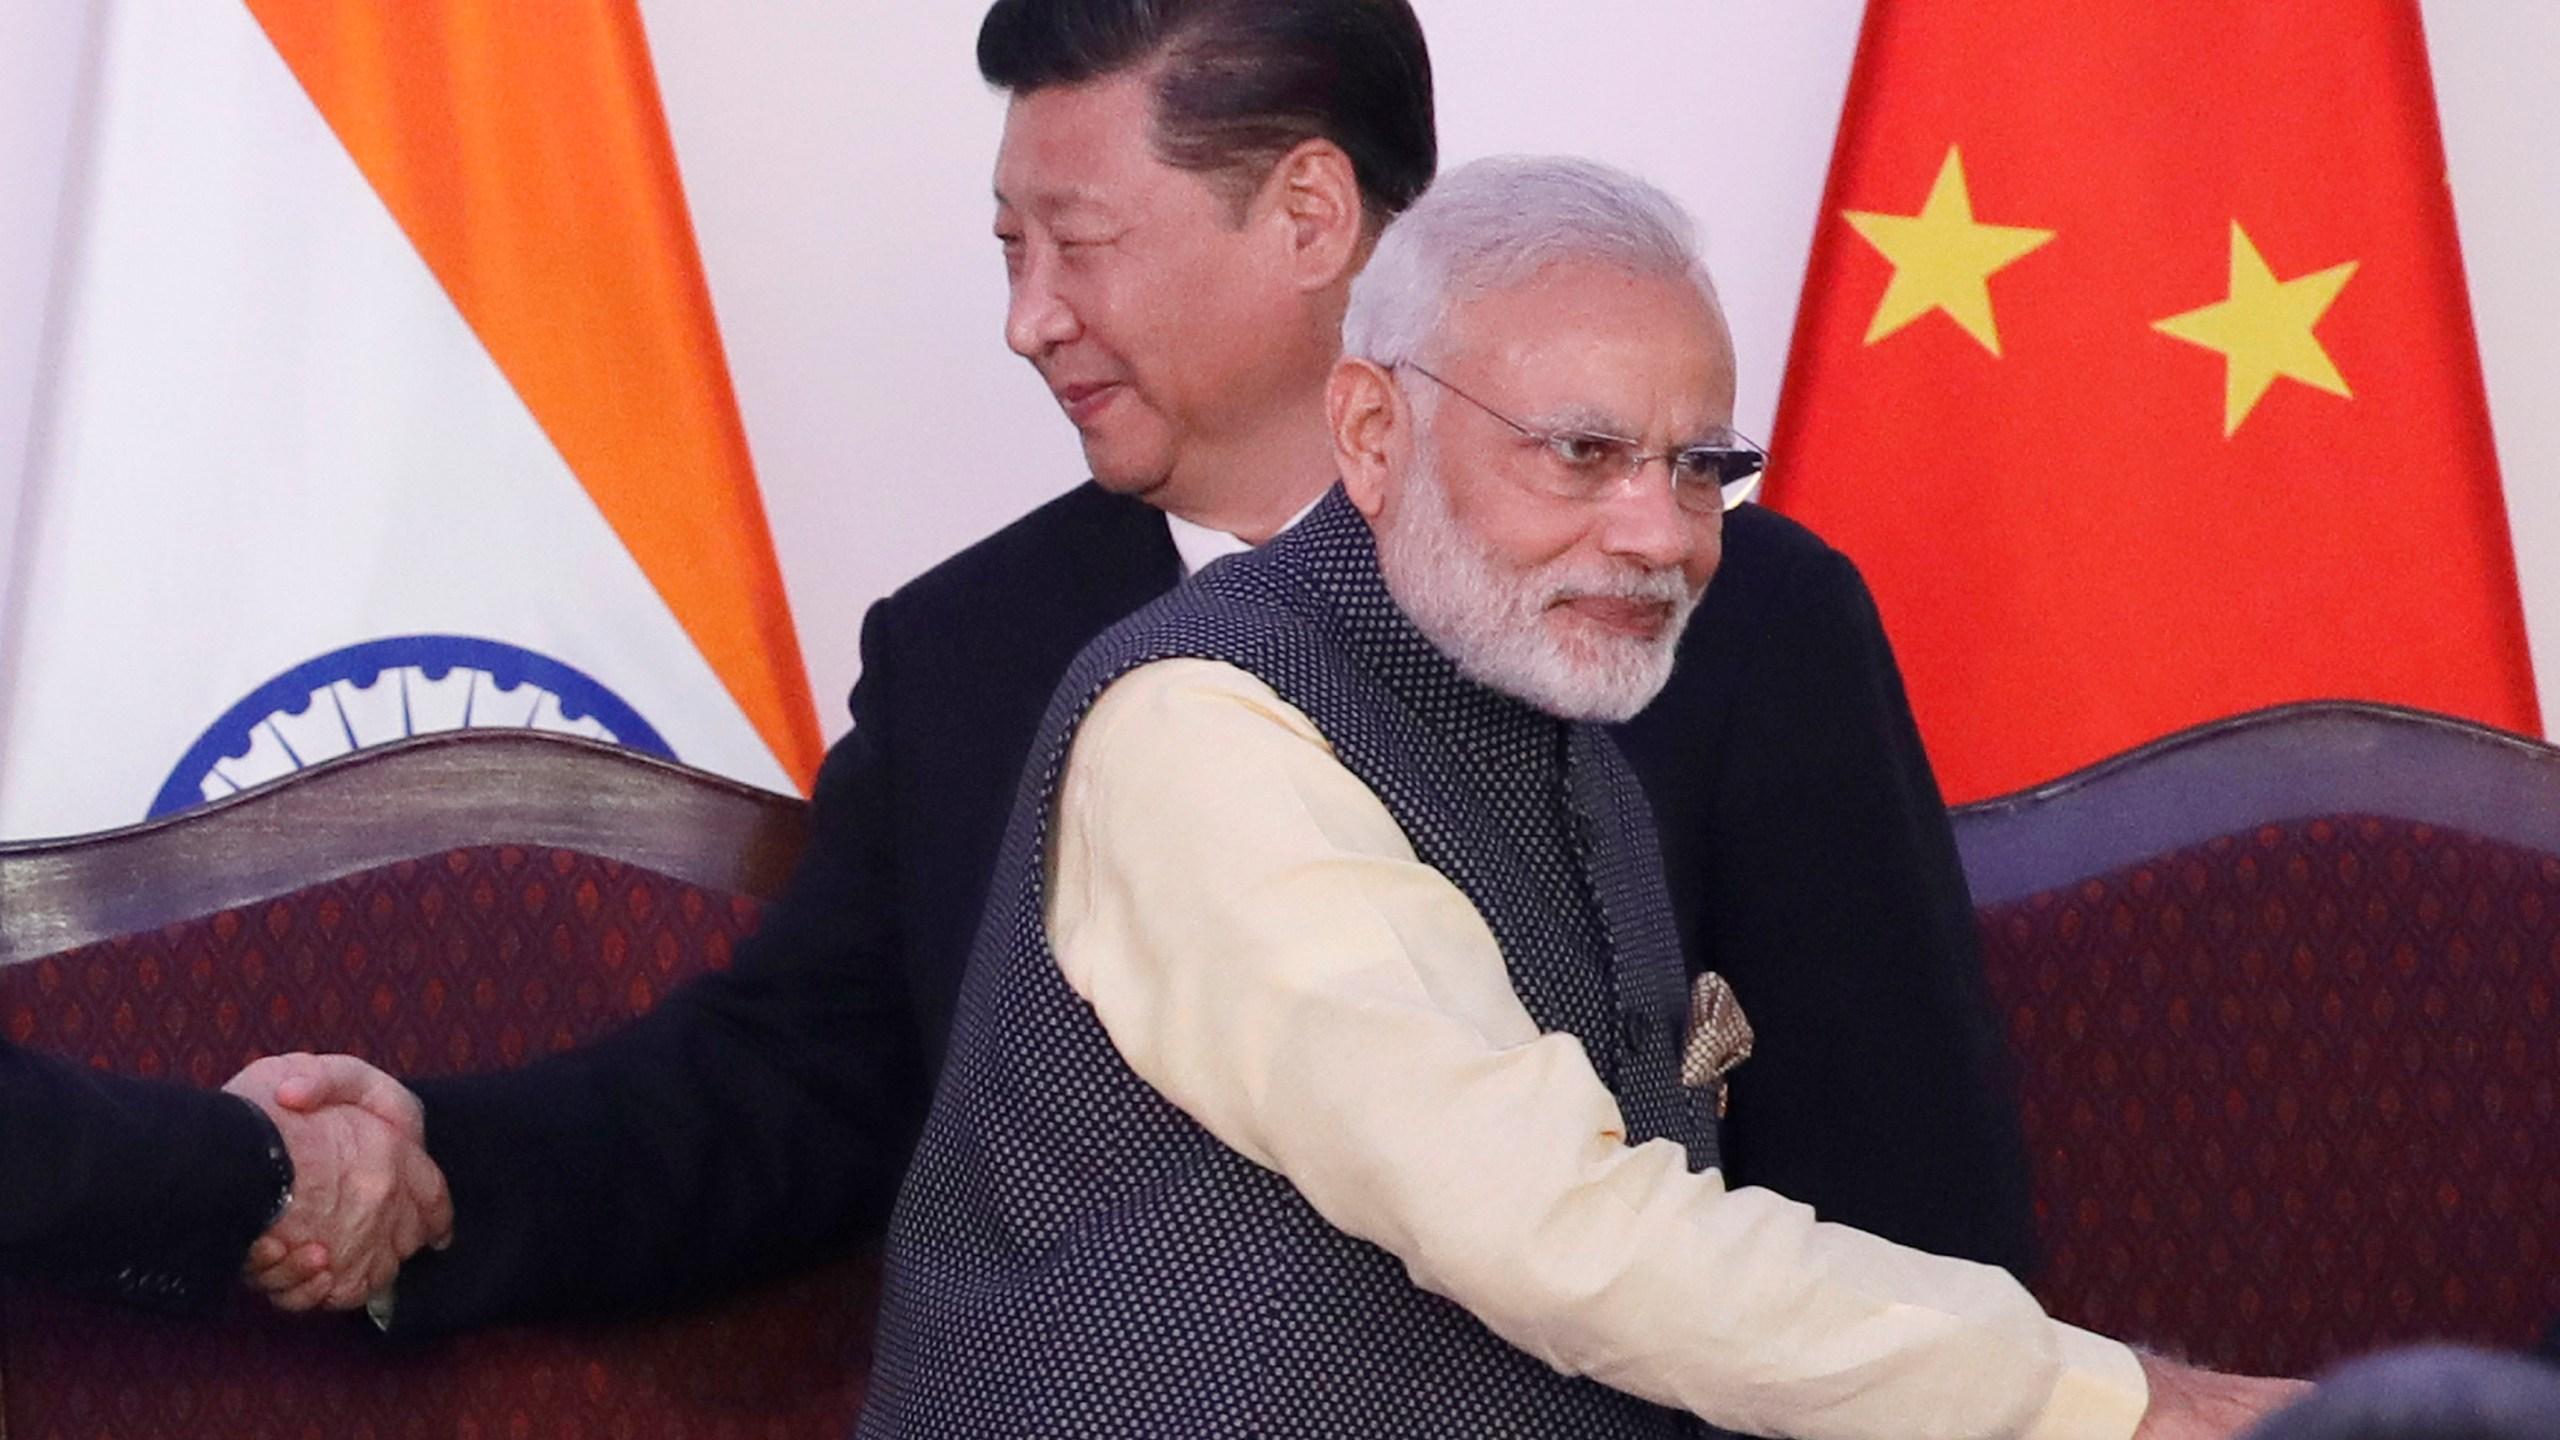 Xi Jinping, Narendra Modi